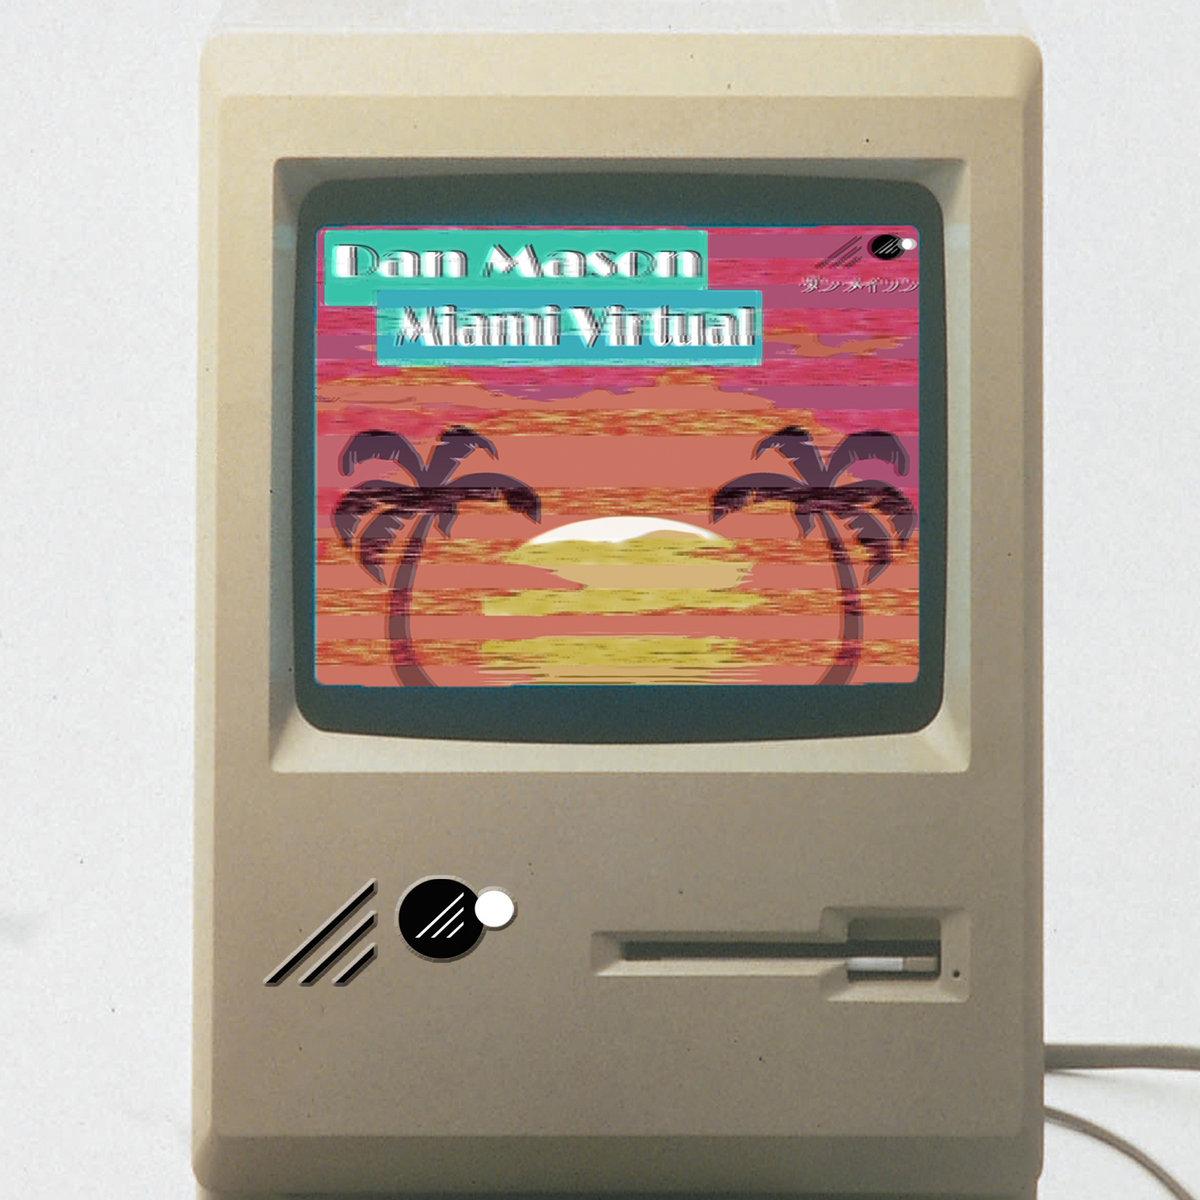 Miami Virtual cover